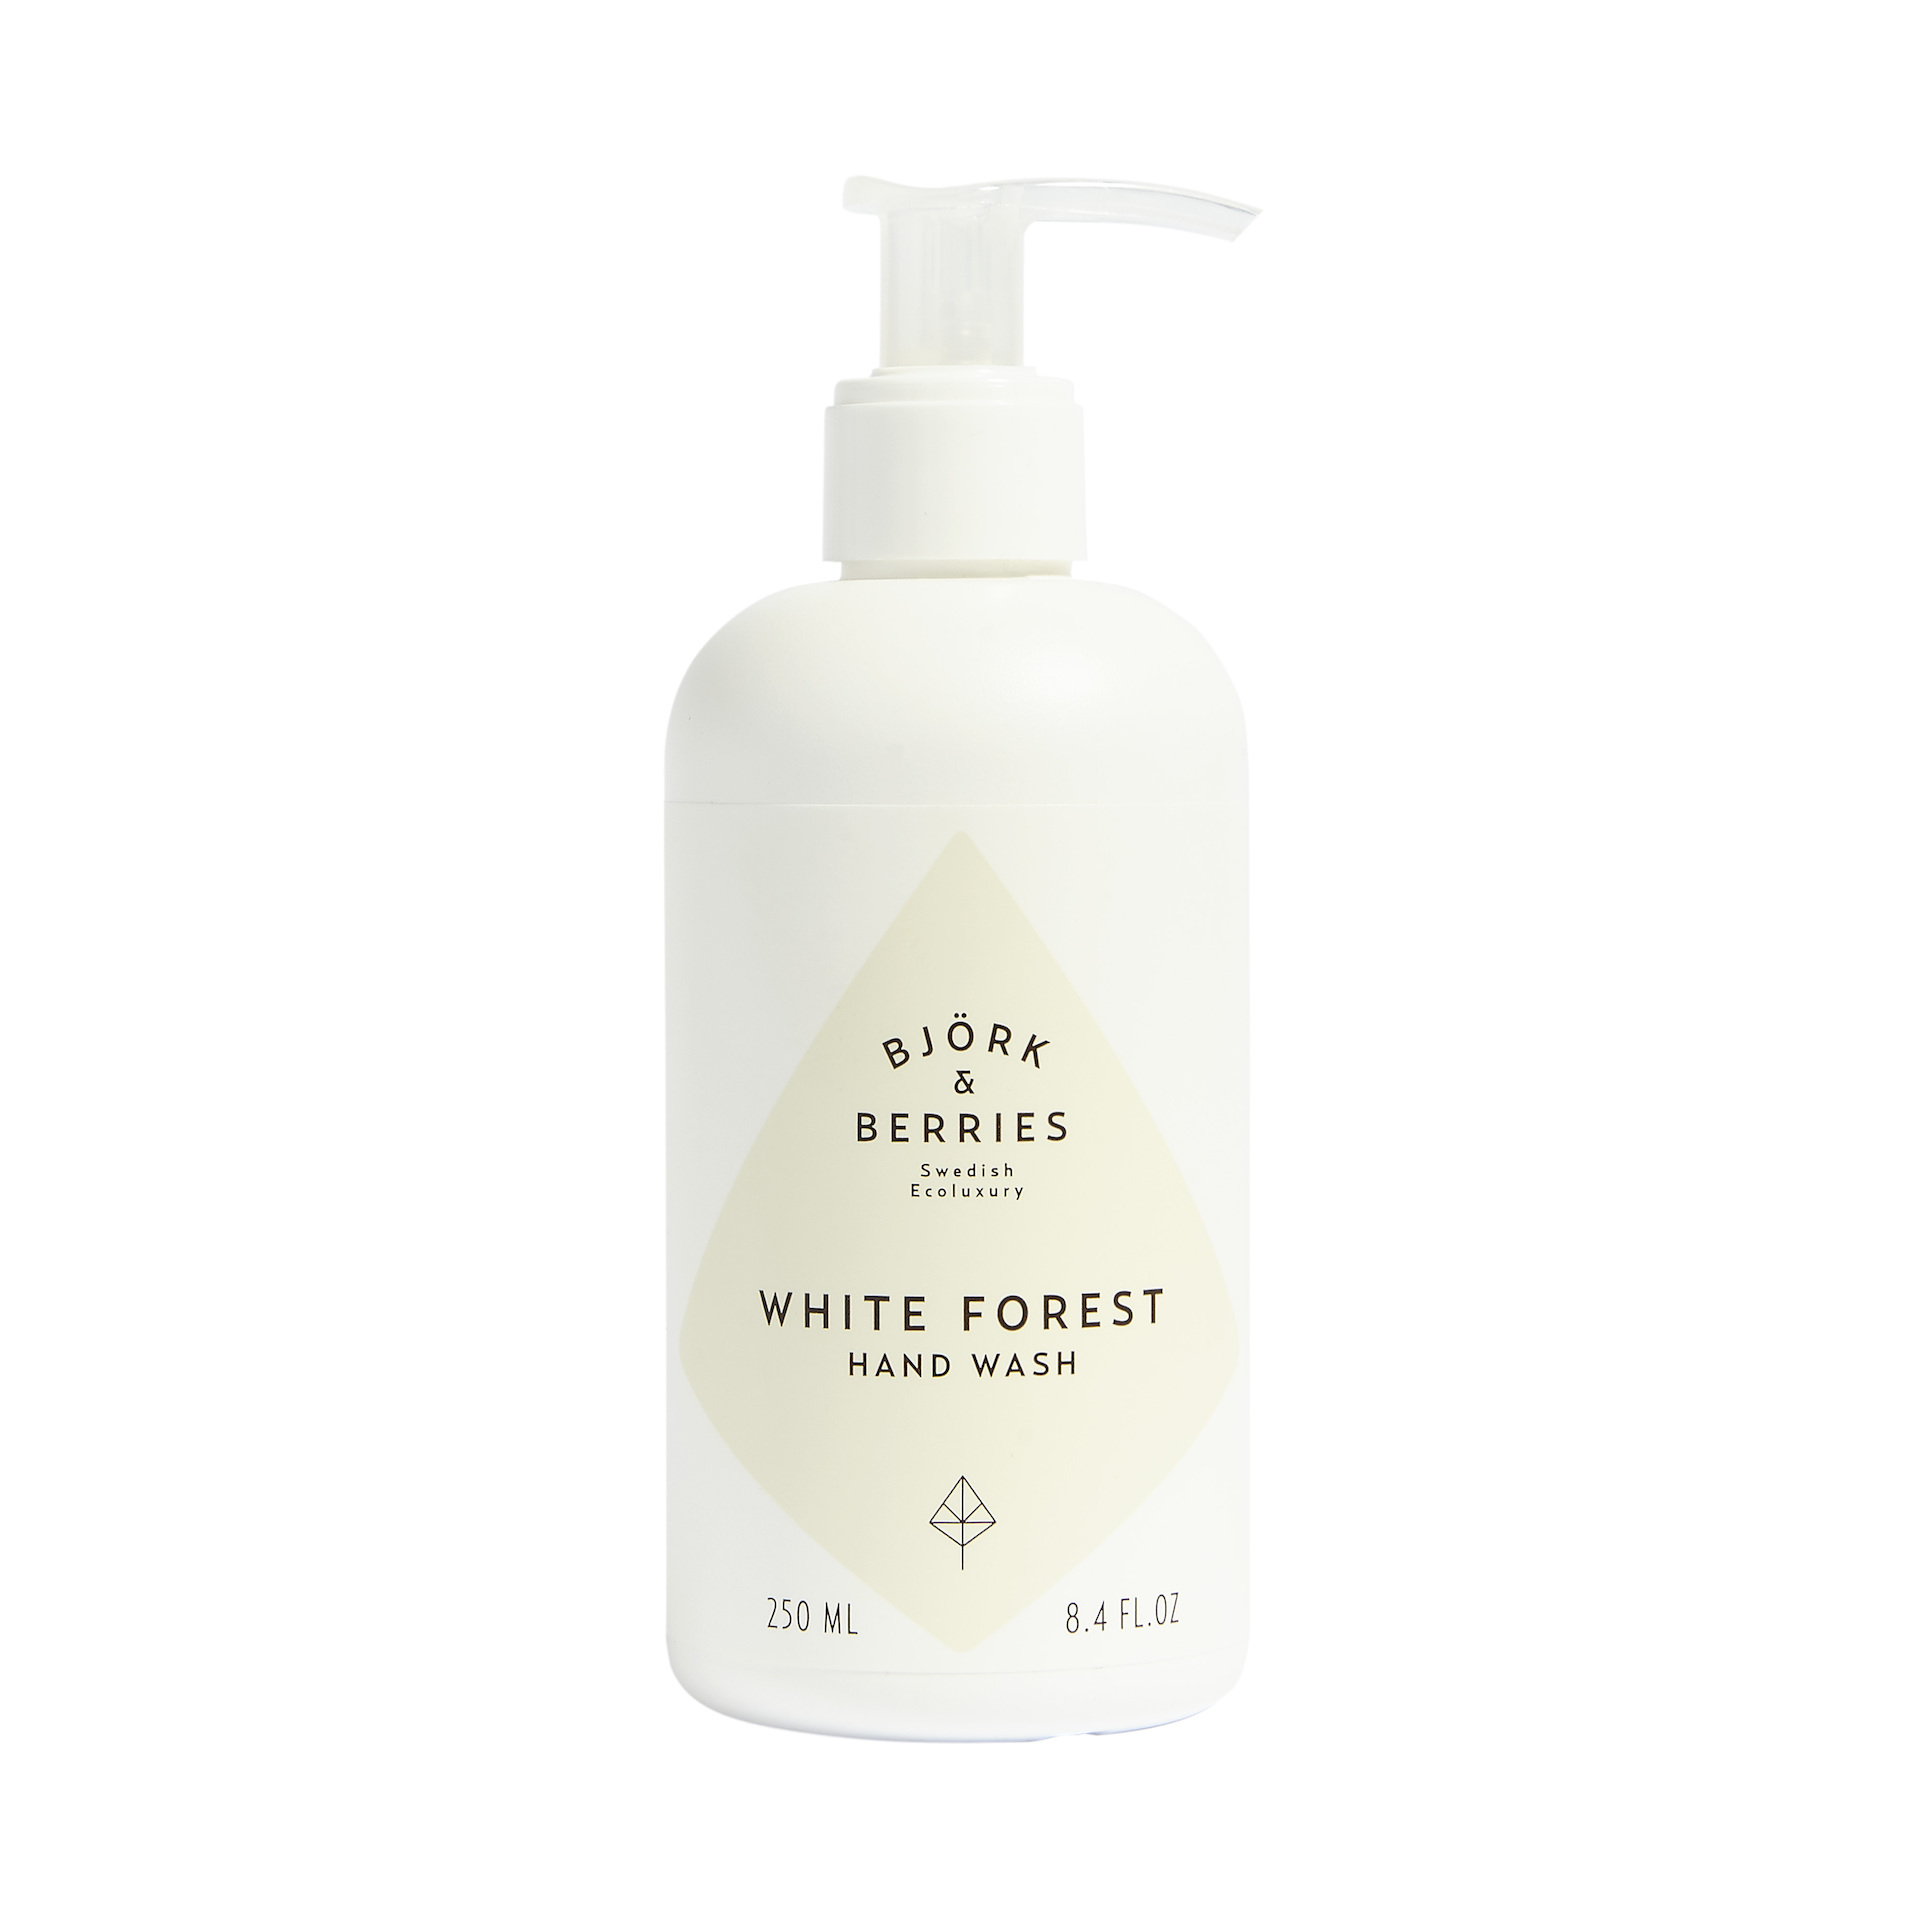 White Forest Hand Wash